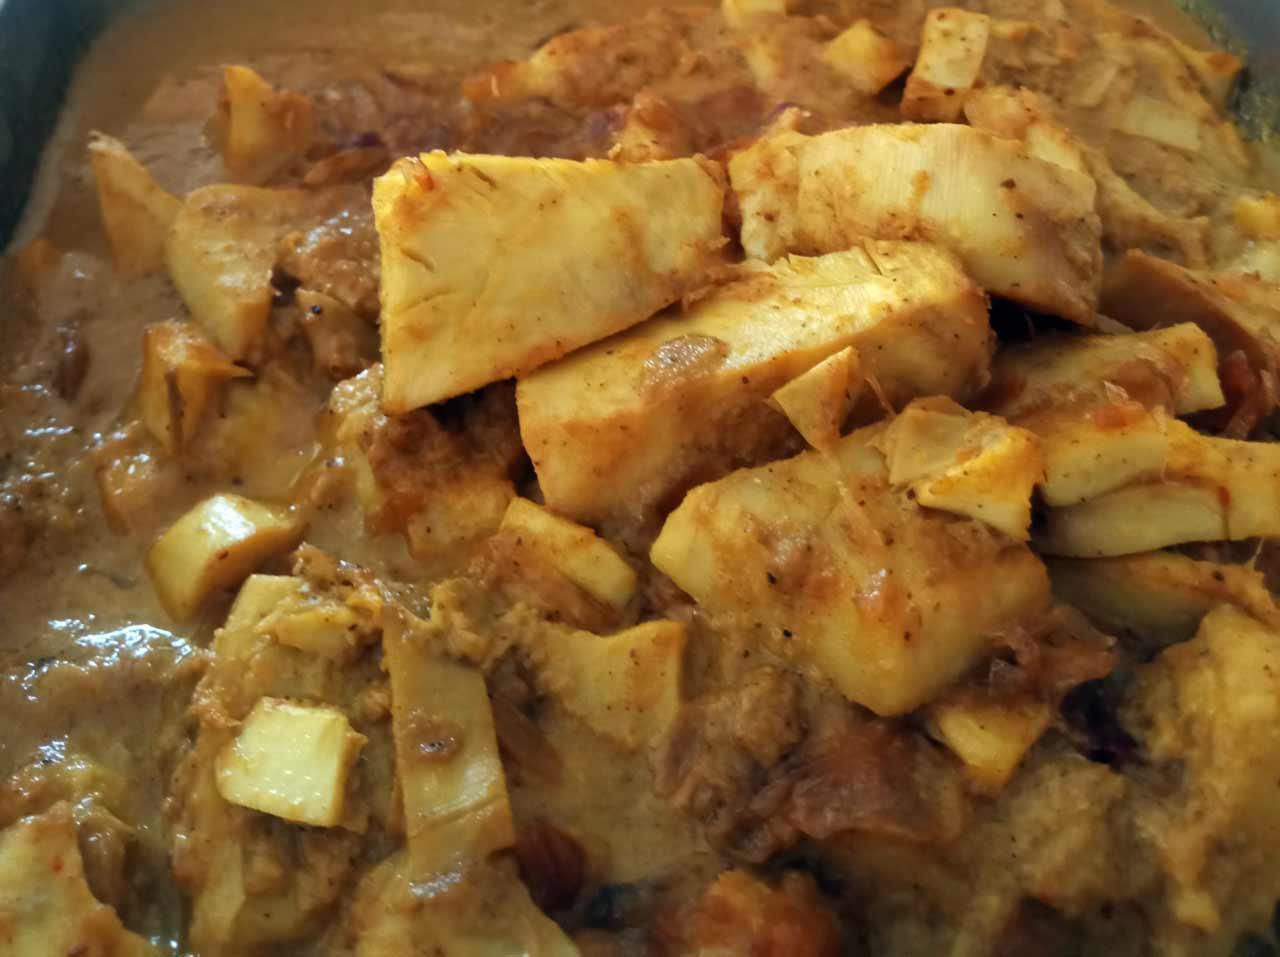 Gulai Kabin - Makanan Khas Lampung - Rumah Makan Cikwo Prasmanan - kelilinglampung.net - Yopie Pangkey - 9